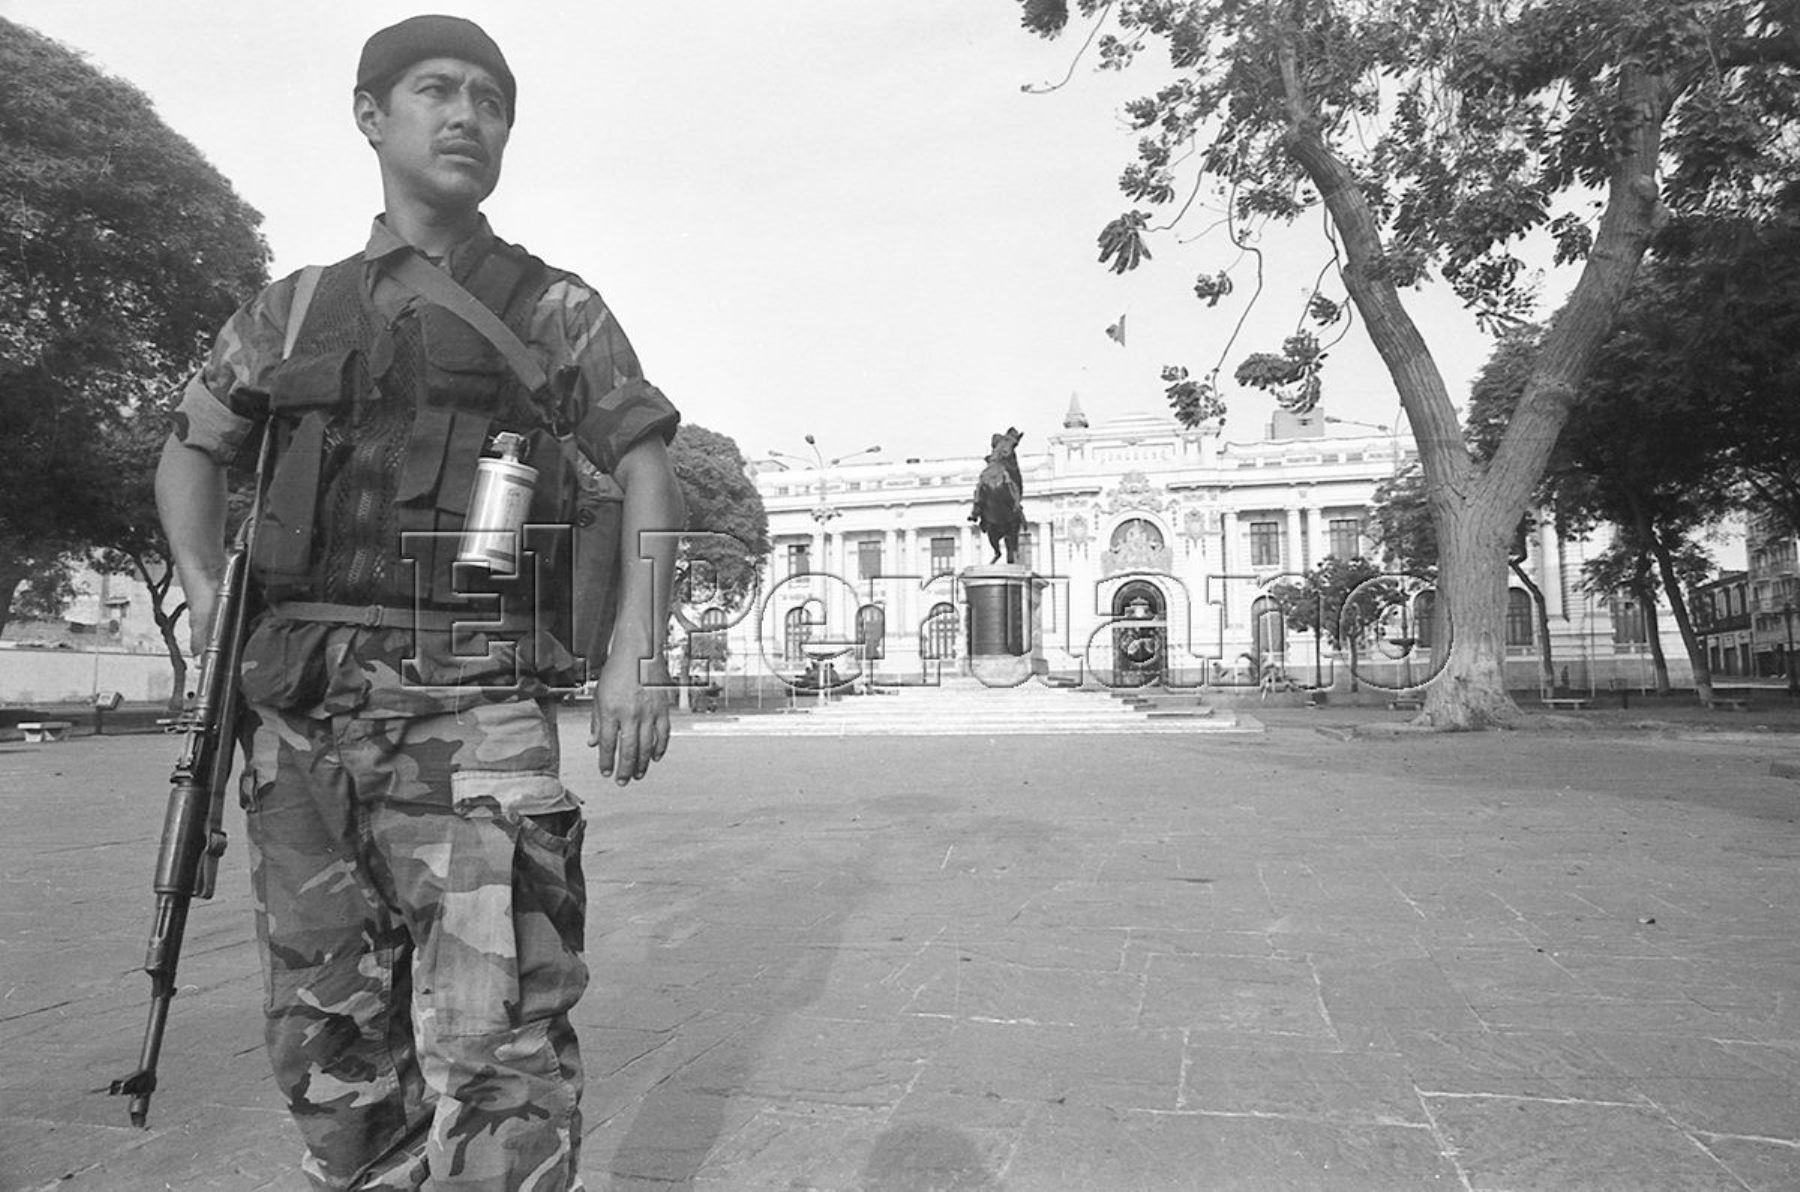 Alberto Fujimori reaparece tras ser indultado y cuenta nueva enfermedad